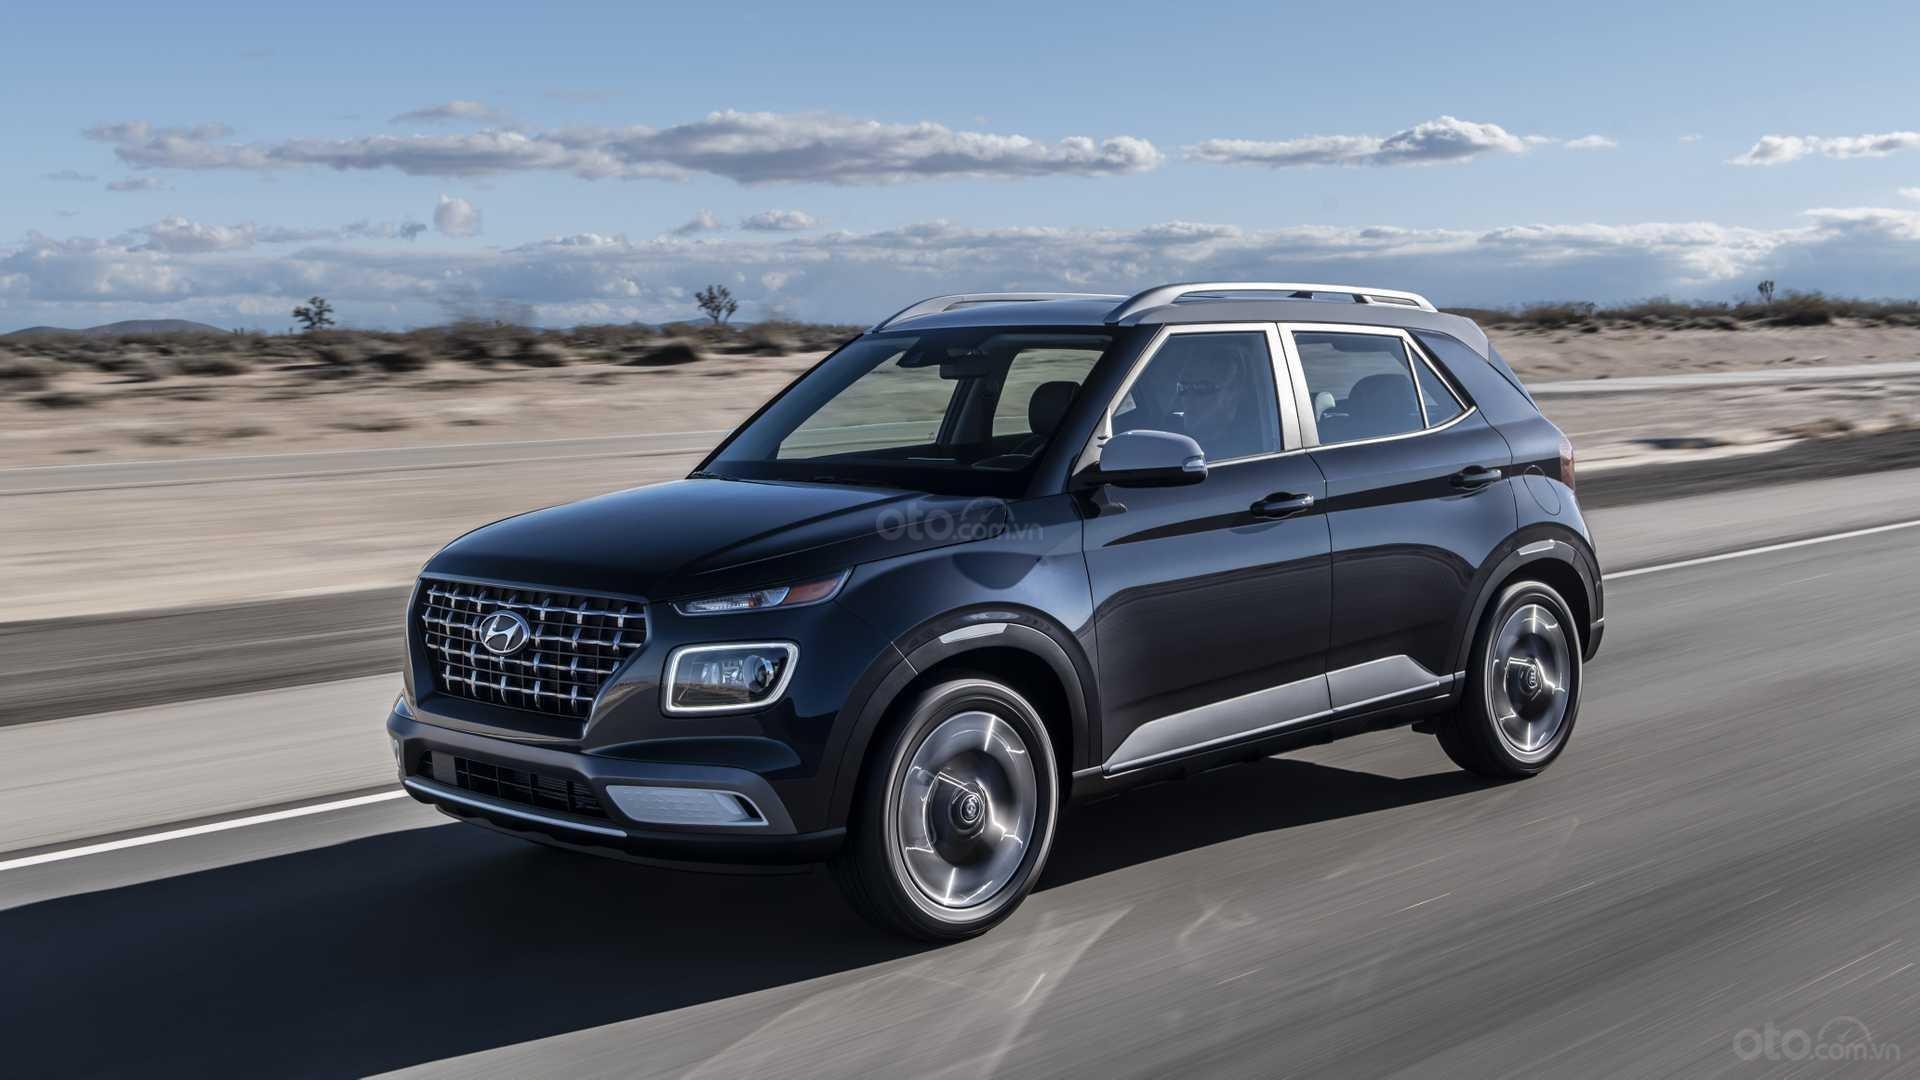 Khách hàng có thể an tâm với công suất động cơ của Hyundai Venue.